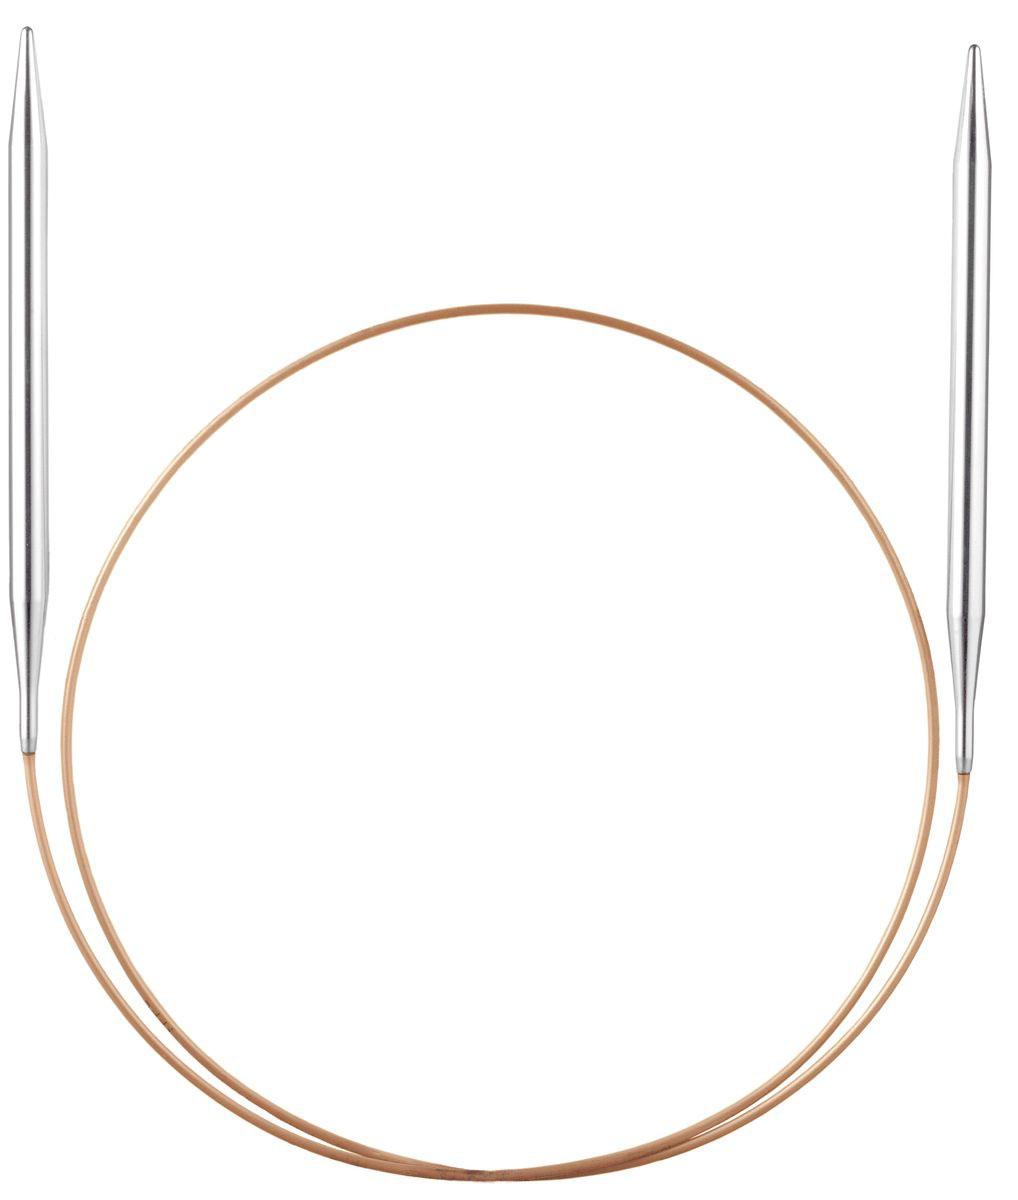 Спицы круговые Addi, супергладкие, диаметр 12 мм, длина 80 см105-7/12-80Спицы Addi, изготовленные из никеля, прекрасно подойдут для вязания изделий без швов. Короткими круговыми спицами вяжут бейки горловины, шапки и варежки, длинными спицами можно вязать по кругу целые модели, например, свитера и пуловеры. Полые и очень легкие спицы с удлиненным кончиком скреплены гибкой леской. Гладкое покрытие и тонкие переходы от спицы к леске позволяют пряже легче скользить. Малый вес изделия убережет ваши руки от усталости при вязании. Вы сможете вязать для себя, делать подарки друзьям. Работа, сделанная своими руками, долго будет радовать вас и ваших близких.